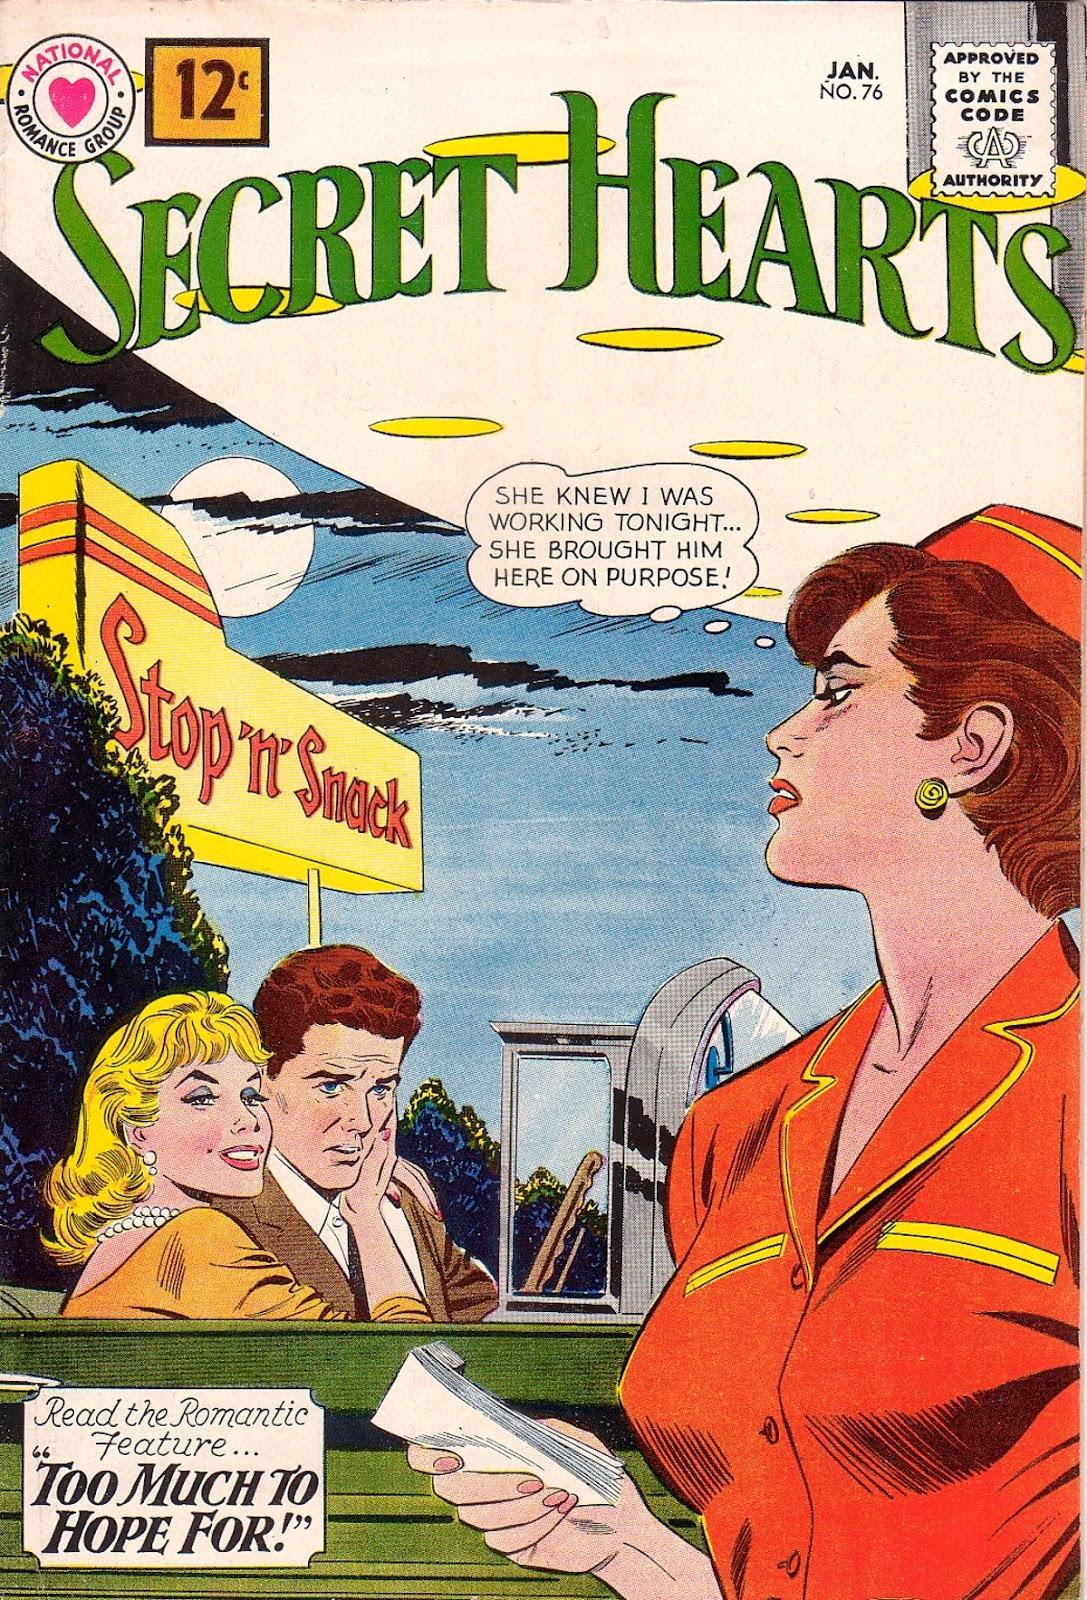 Secret Hearts 76 Page 1